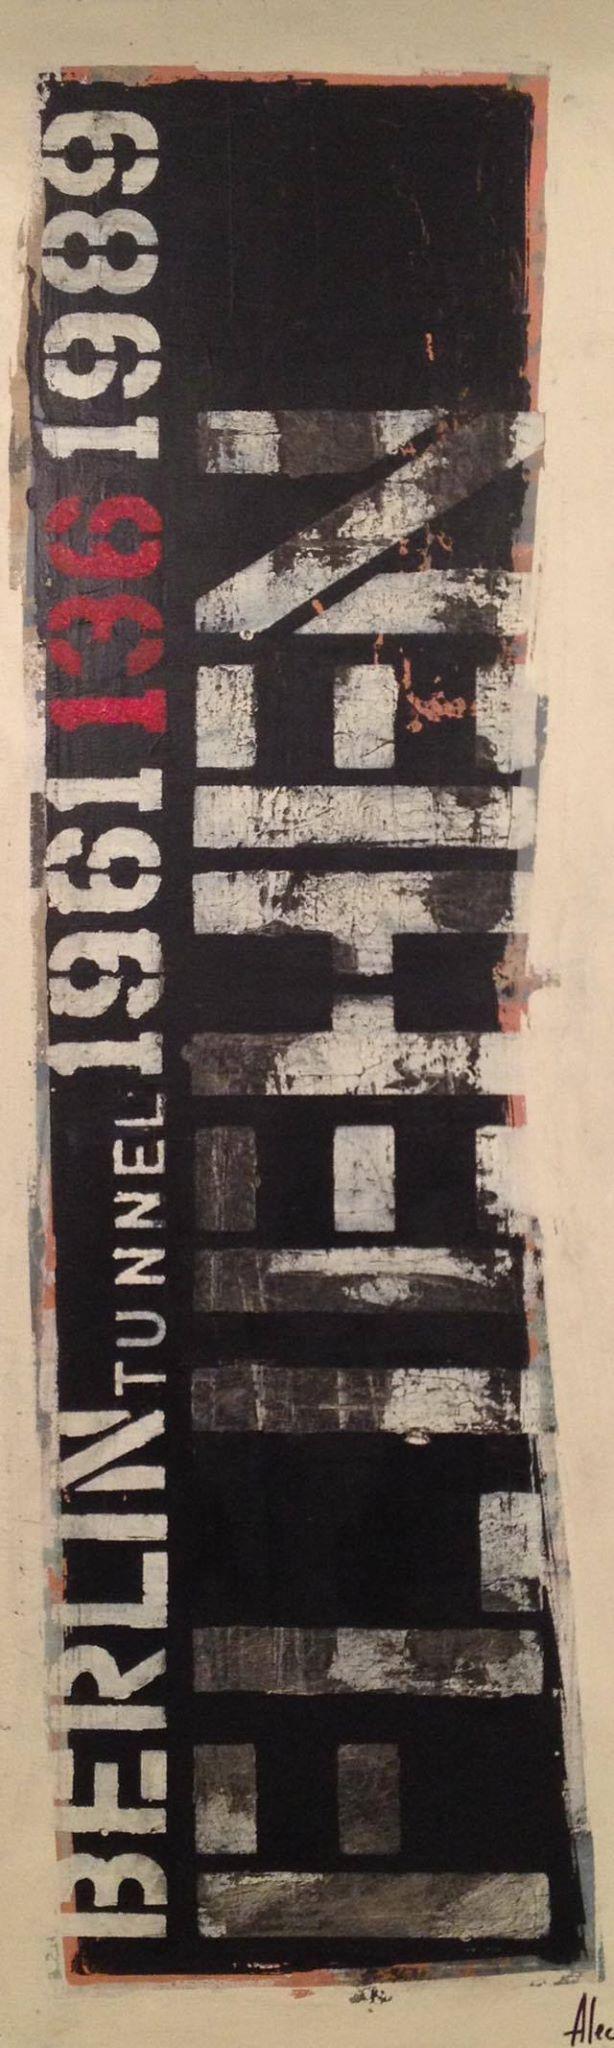 """BERLIN - Der Tunnel 36"""" x 12"""" 2015 acrylique sur toile. http://alecsurfaces.blogspot.ca/"""